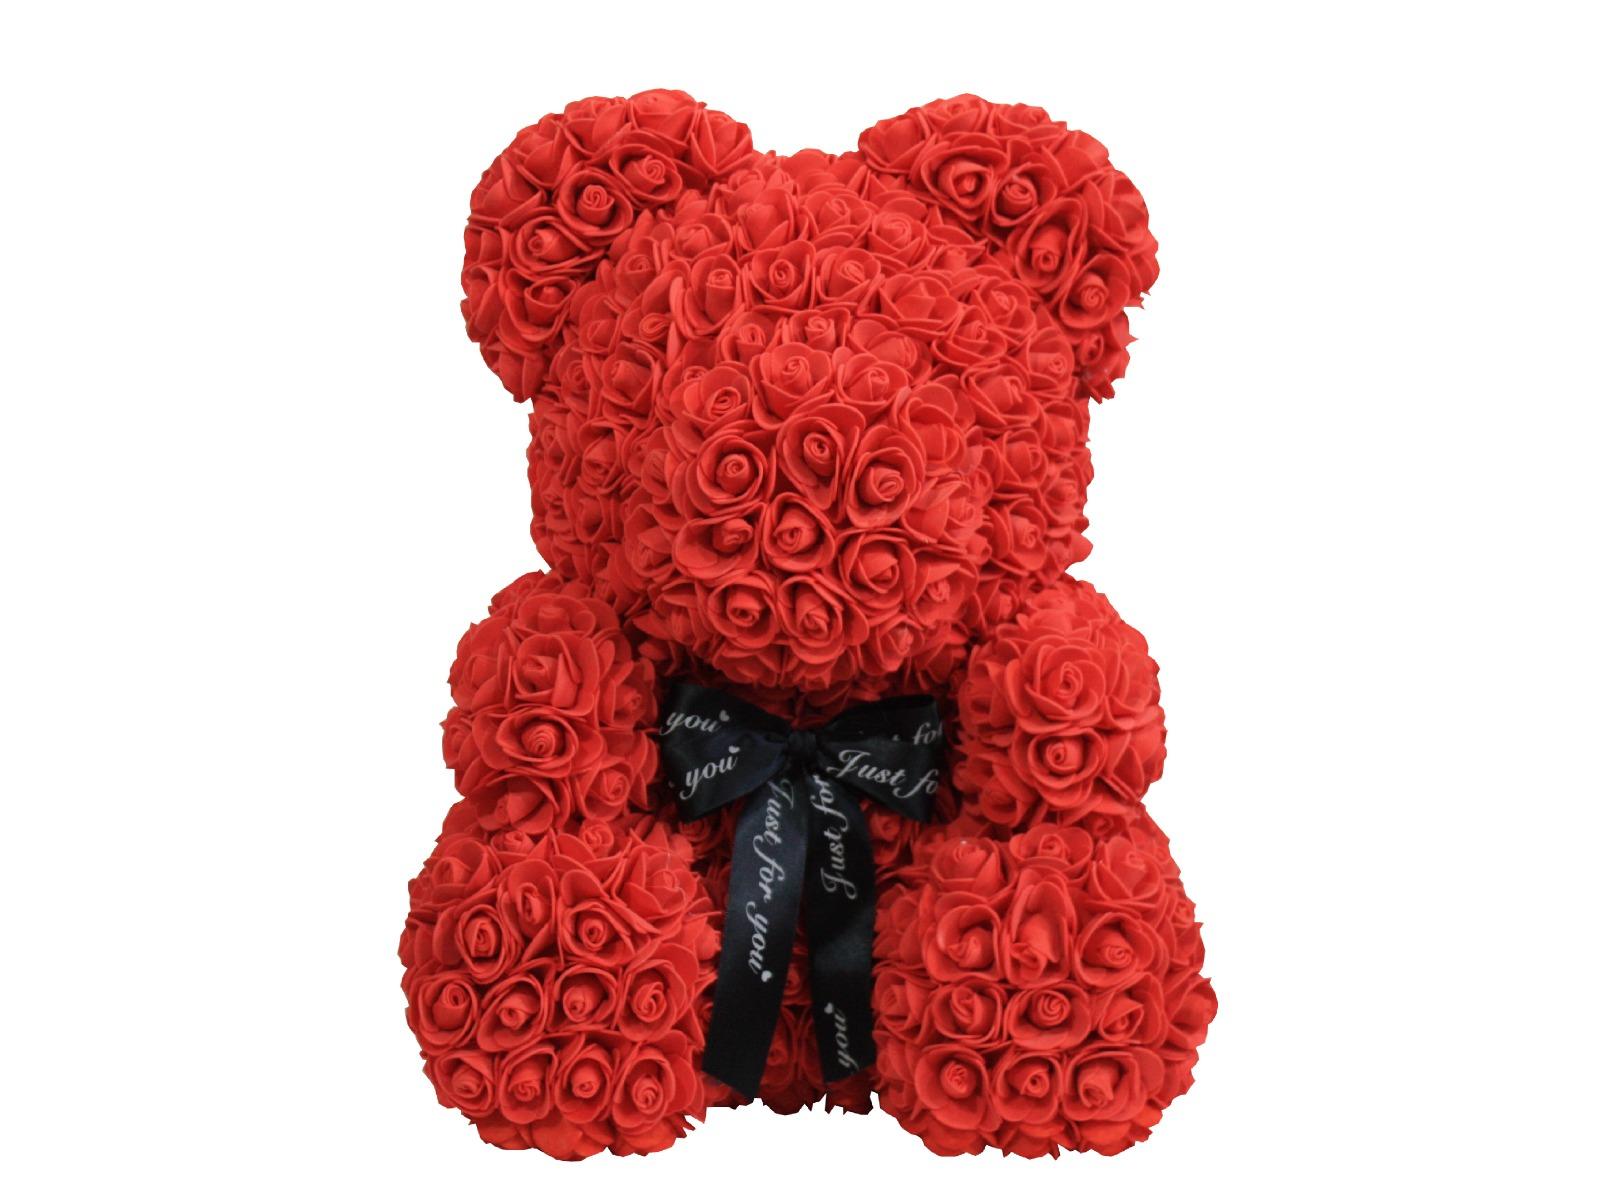 Rose Bär Teddybär Große Rosenbär Rot 40cm